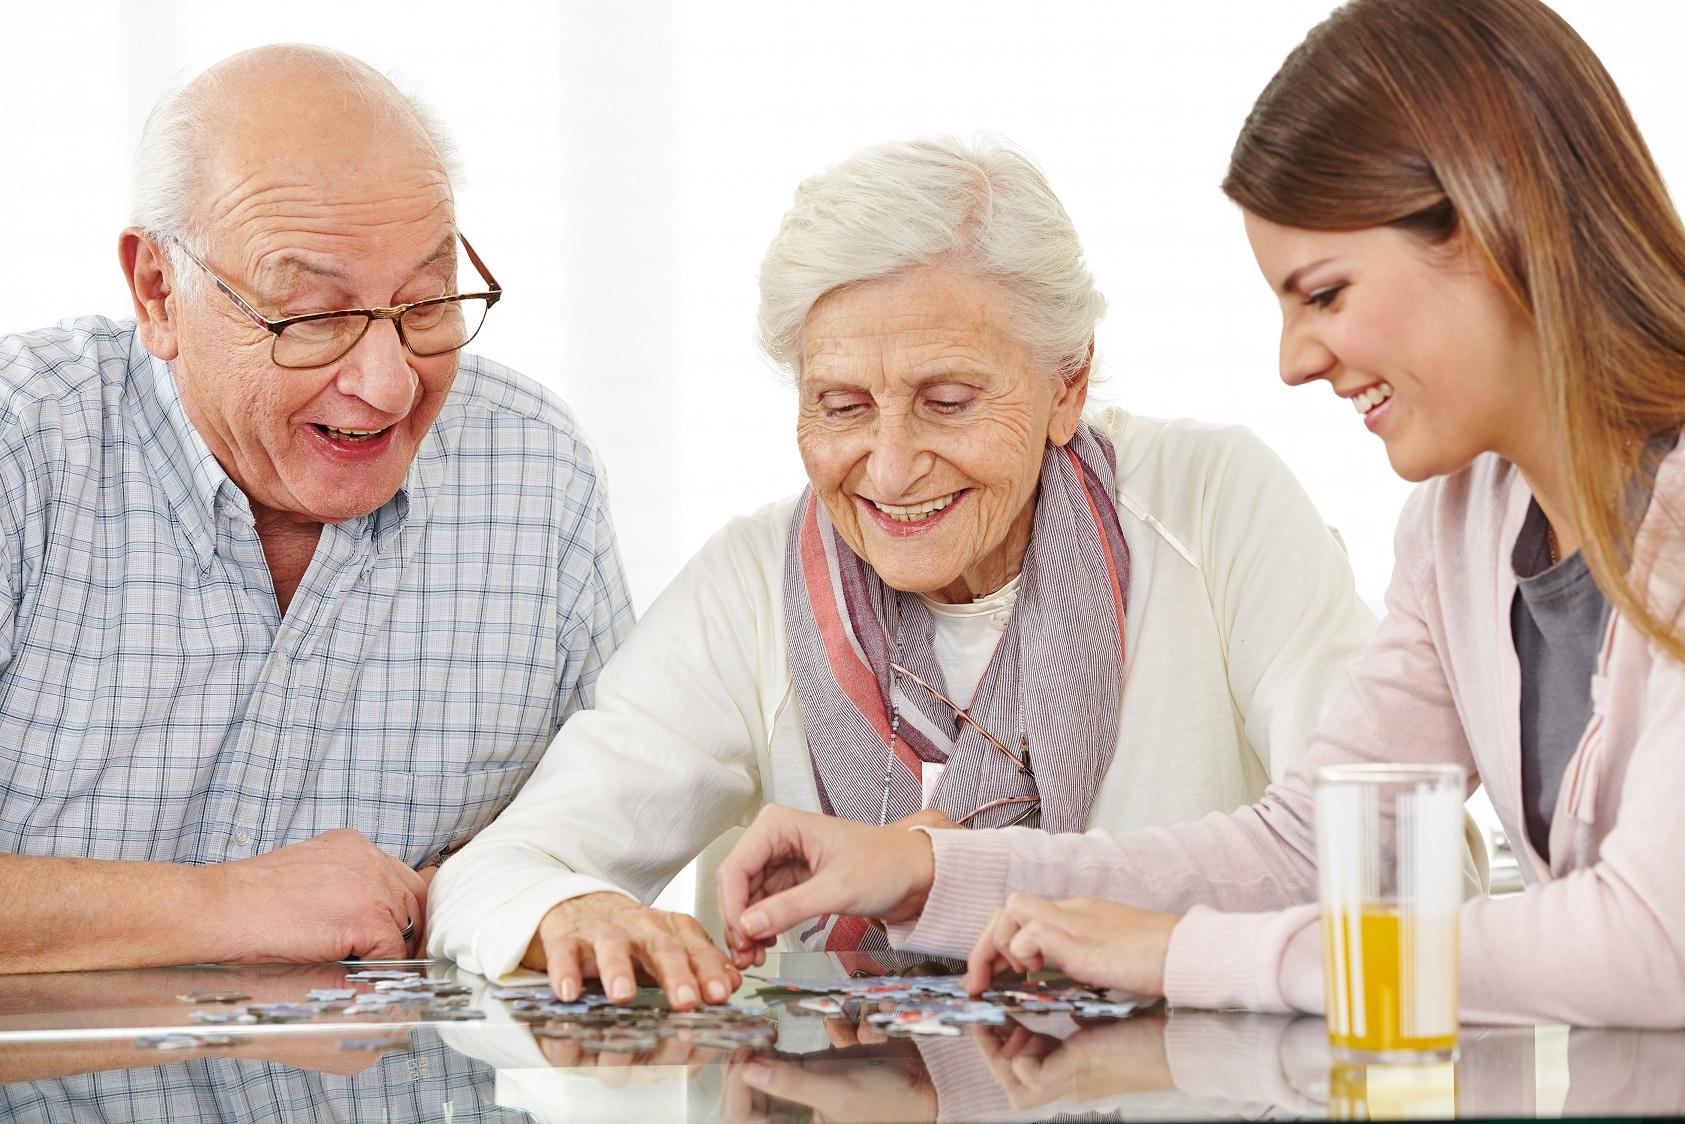 nursing home week activities